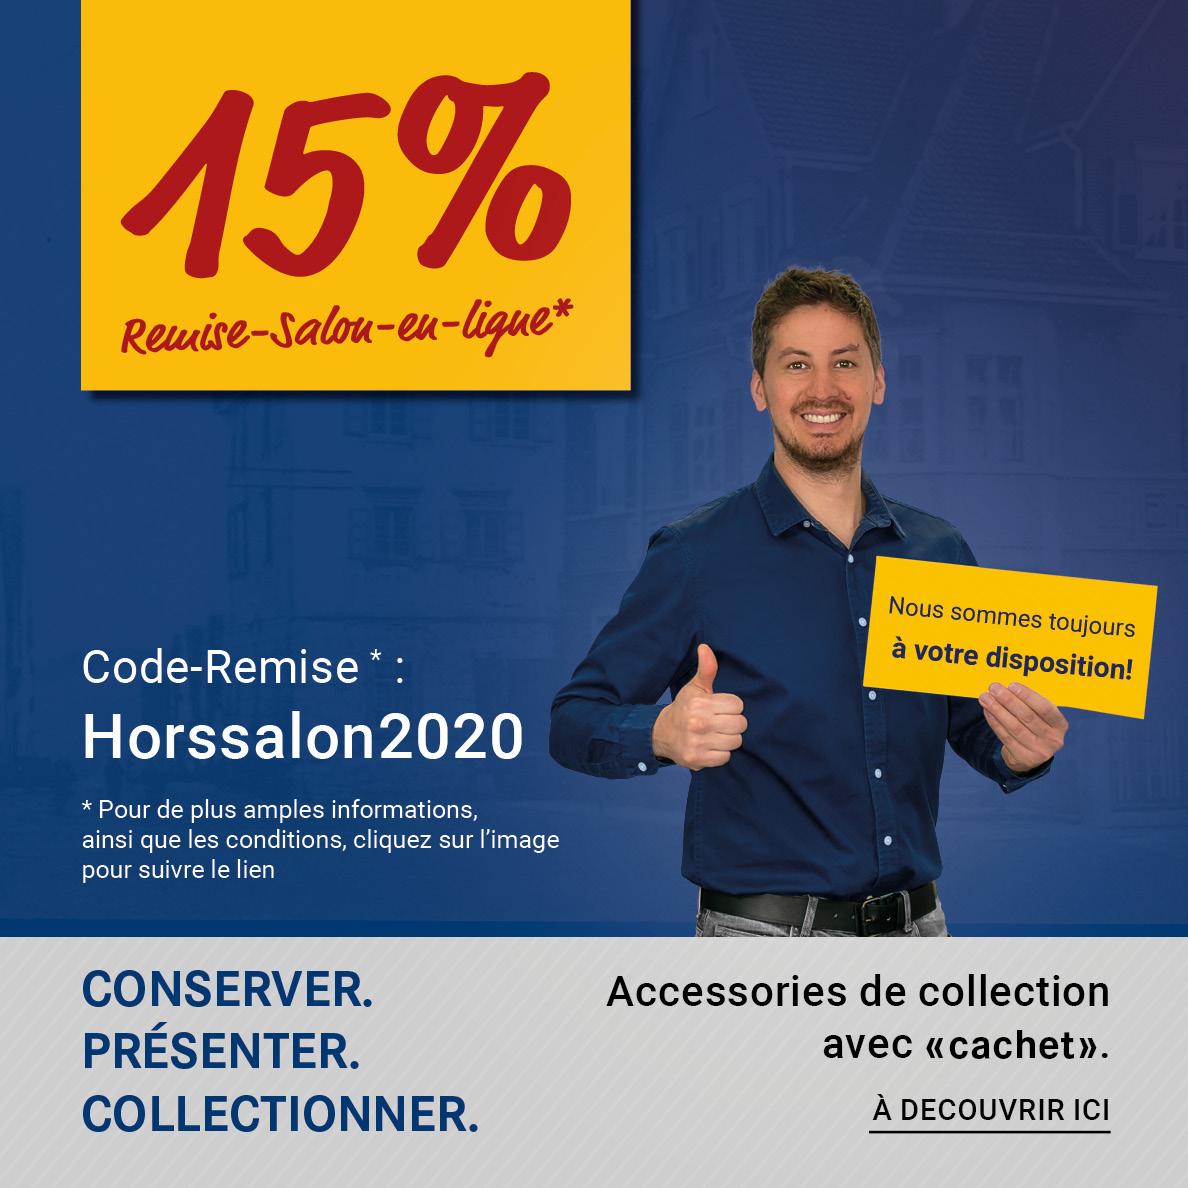 Code-Remise: Horssalon2020